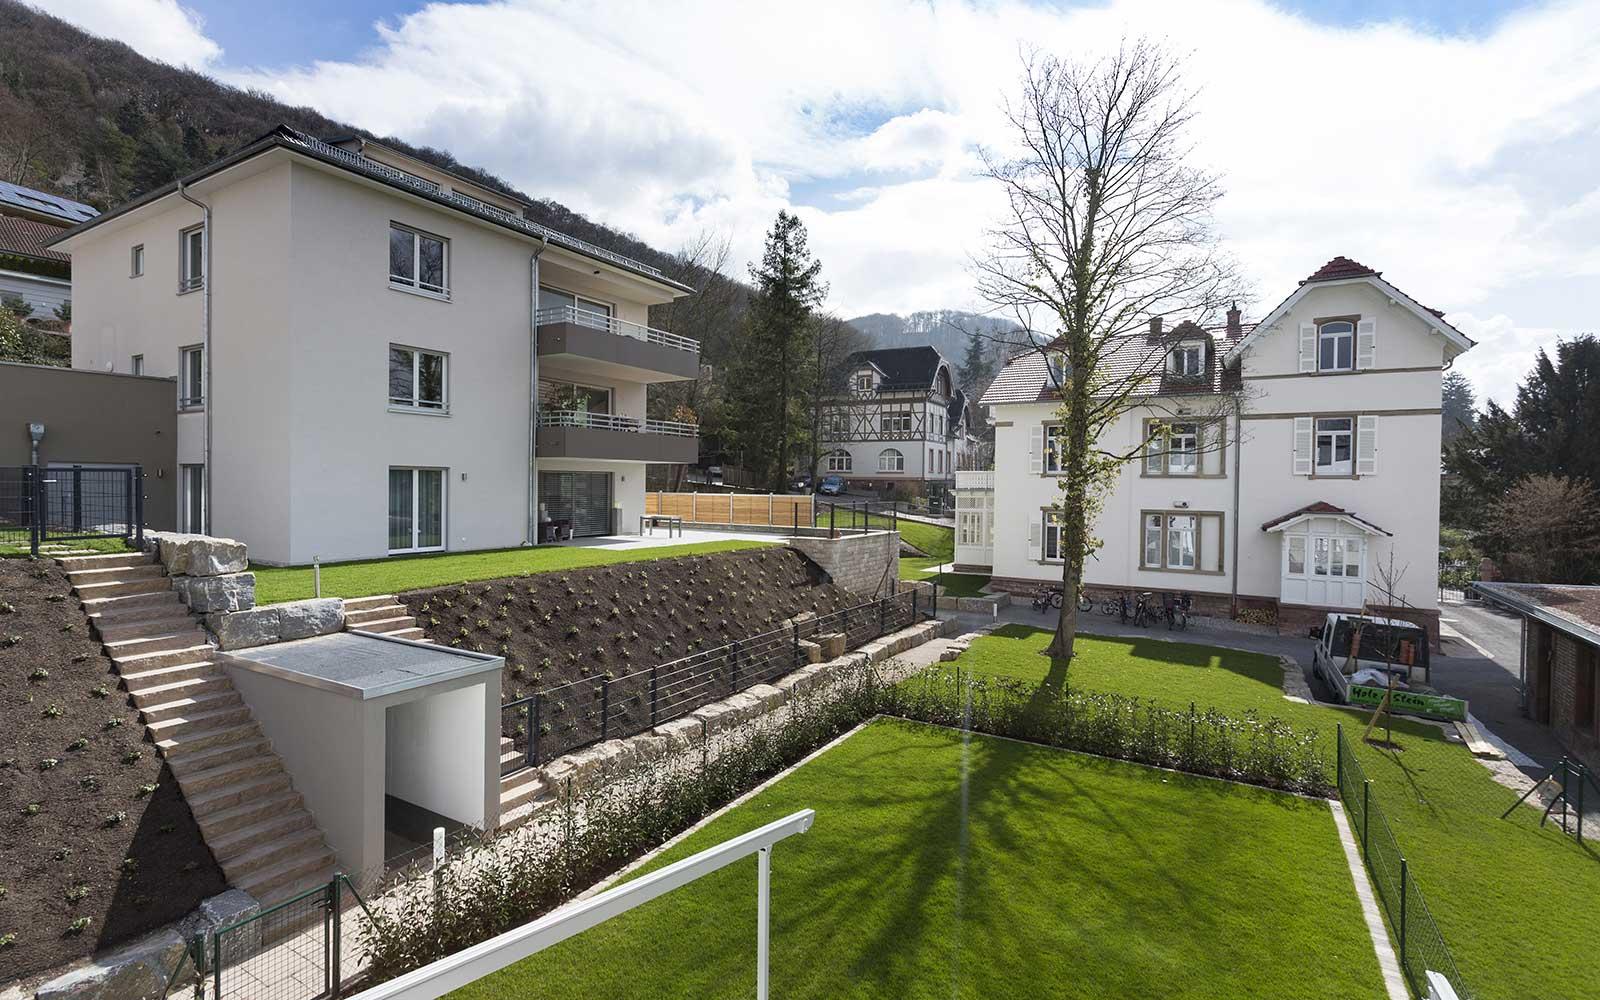 Neubau Doppelhaushälften Weststadt, Kochhan und Weckbach Architekten Heidelberg